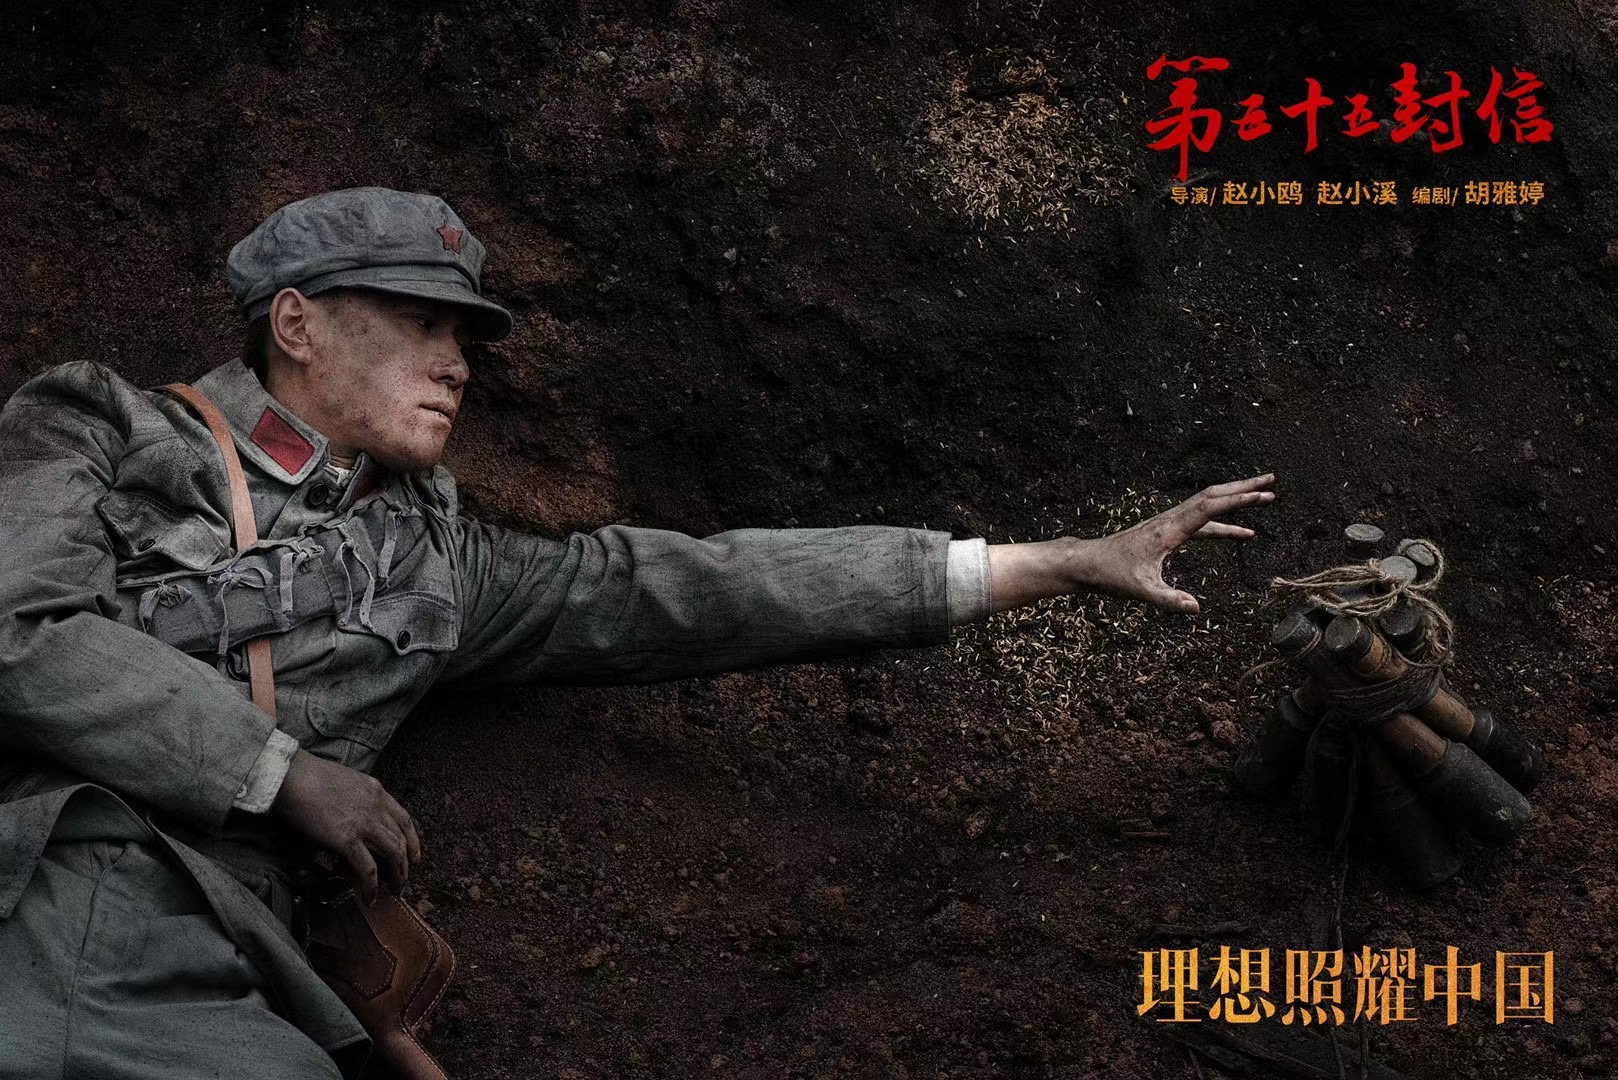 《理想照耀中国》本周赵丽颖畲族造型惹期待 (2).jpg